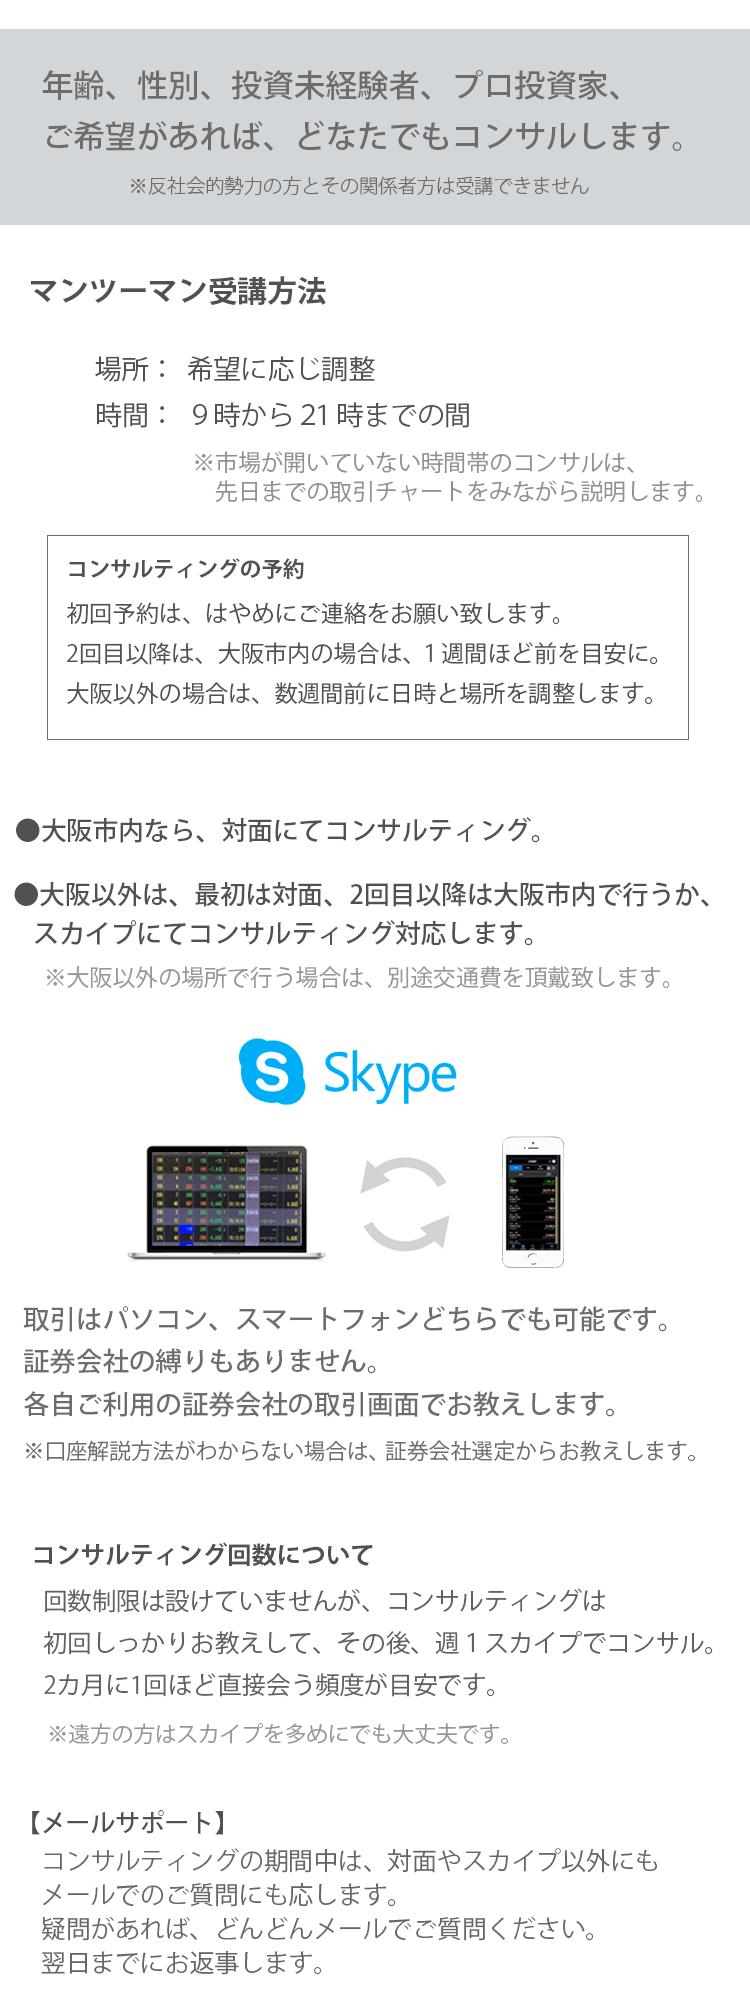 マンツーマン・コンサルティングの詳細。基本は大阪市内。大阪以外は別途交通費をご負担いただいております。